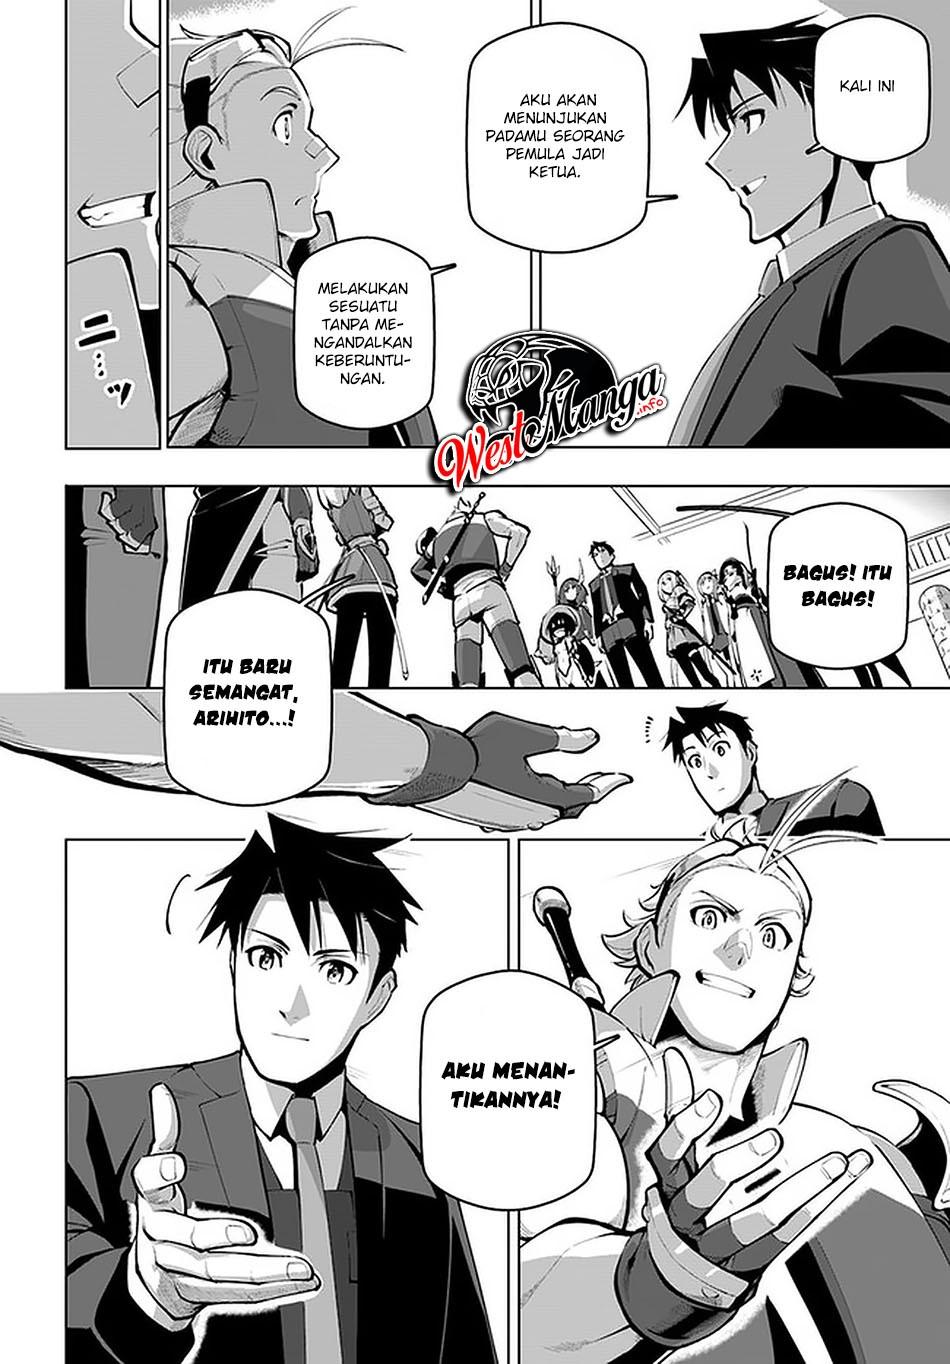 Sekai Saikyou no Kouei: Meikyuukoku no Shinjin Tansakusha: Chapter 18.2 - Page 18